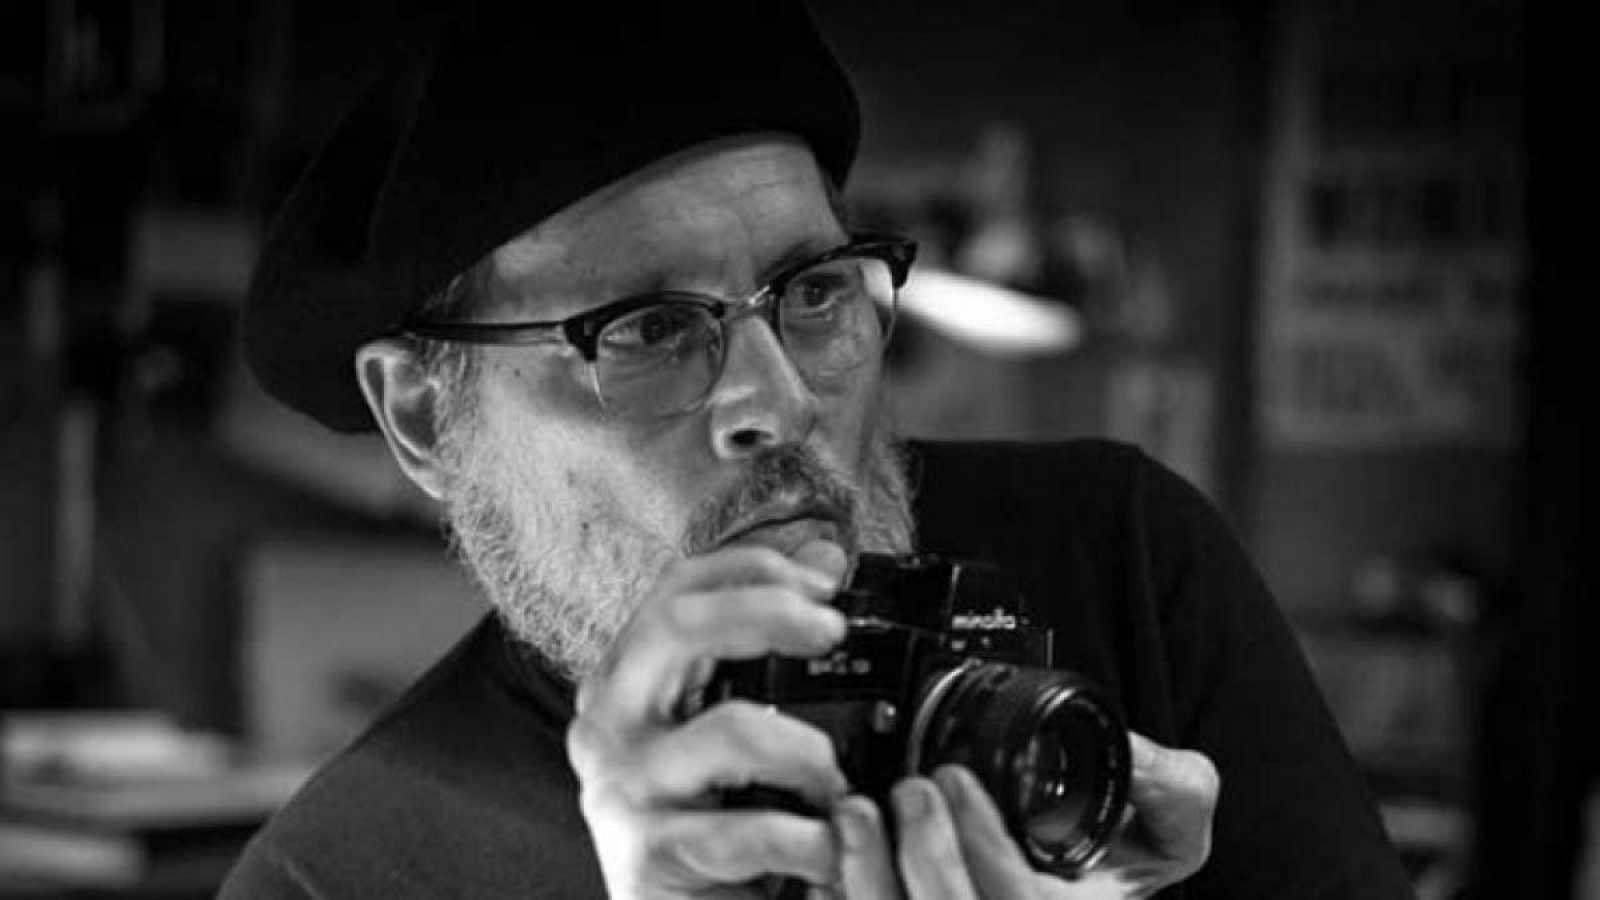 'El fotógrafo de Minamata'